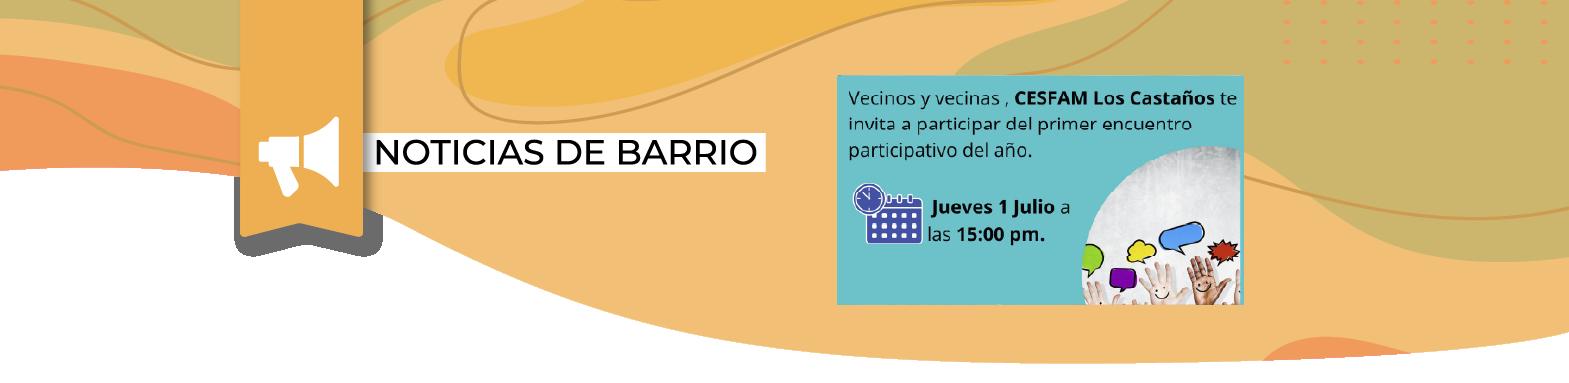 CESFAM Los Castaños, invita a encuentro participativo